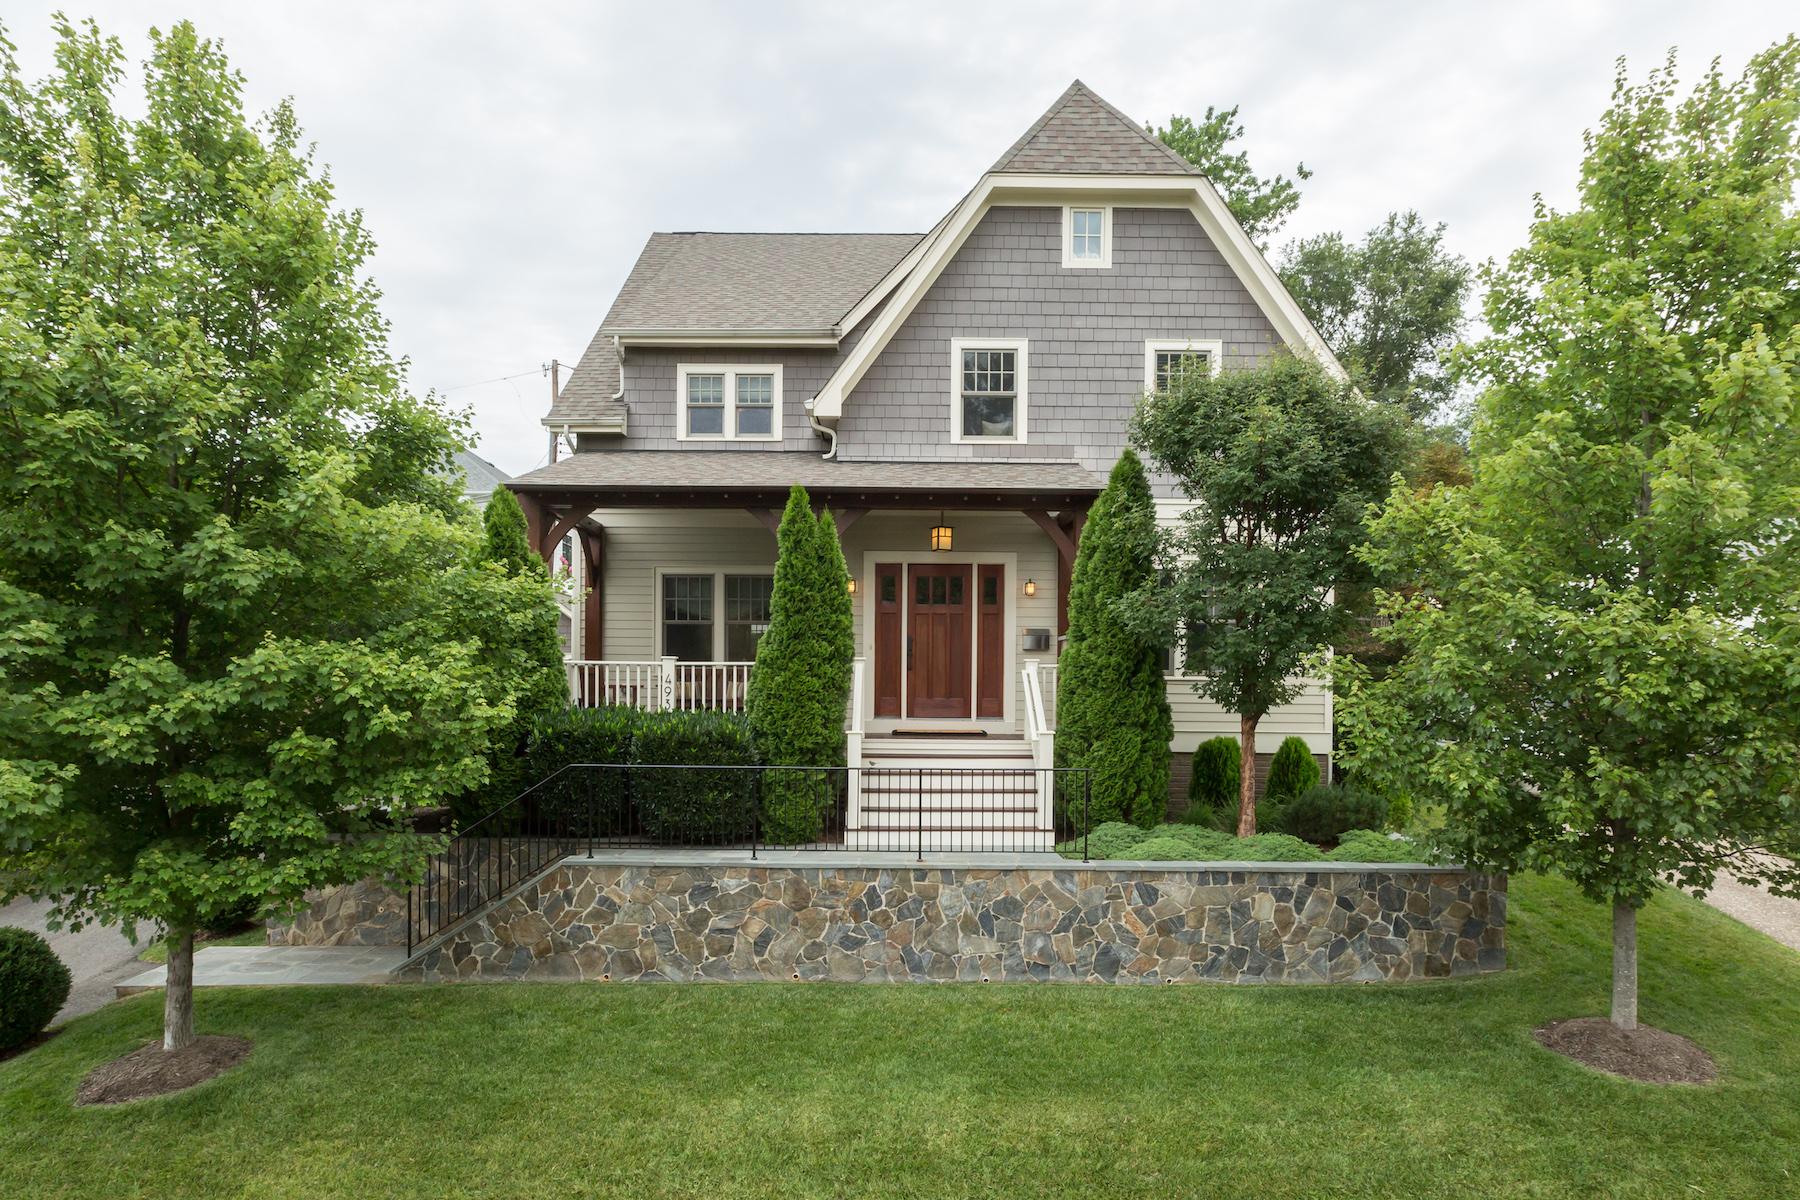 Casa Unifamiliar por un Venta en 4931 33rd Road N, Arlington Arlington, Virginia, 22207 Estados Unidos